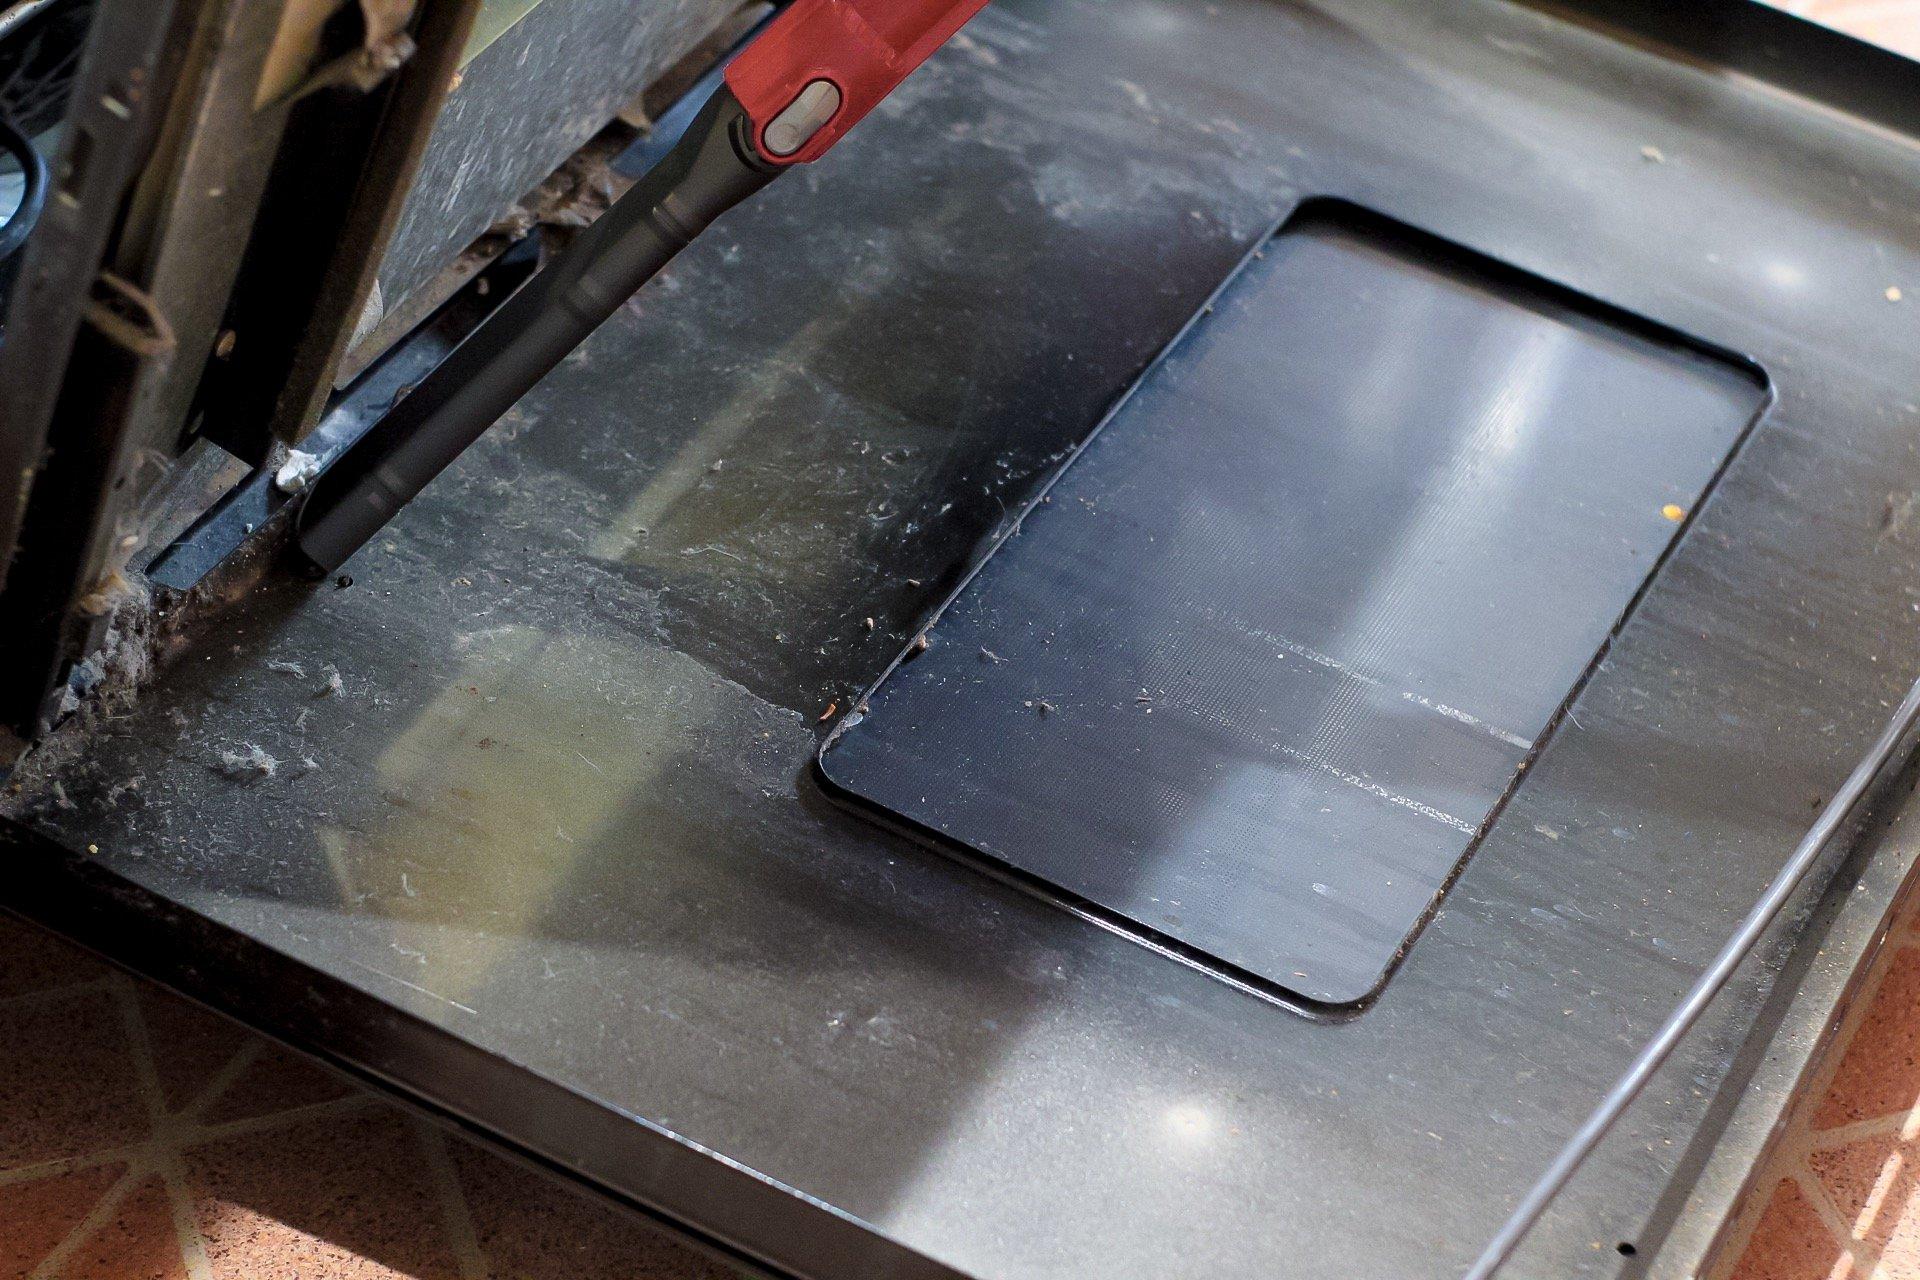 Clean between oven door glass - SLAYathomemother.com